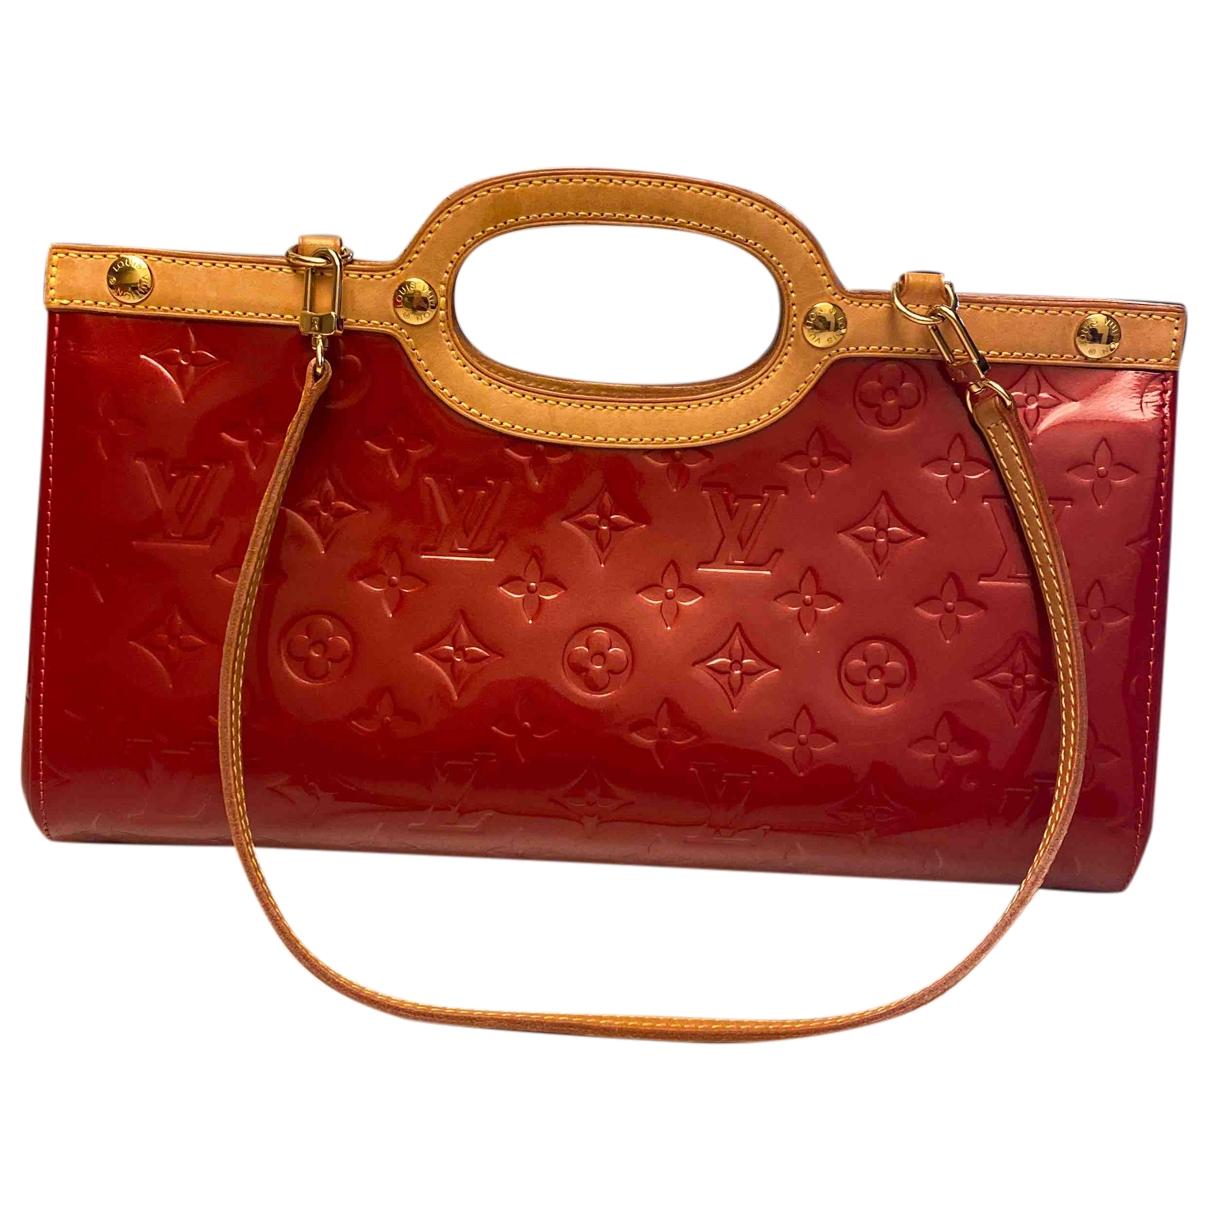 Louis Vuitton - Sac a main Roxbury pour femme en cuir verni - rouge